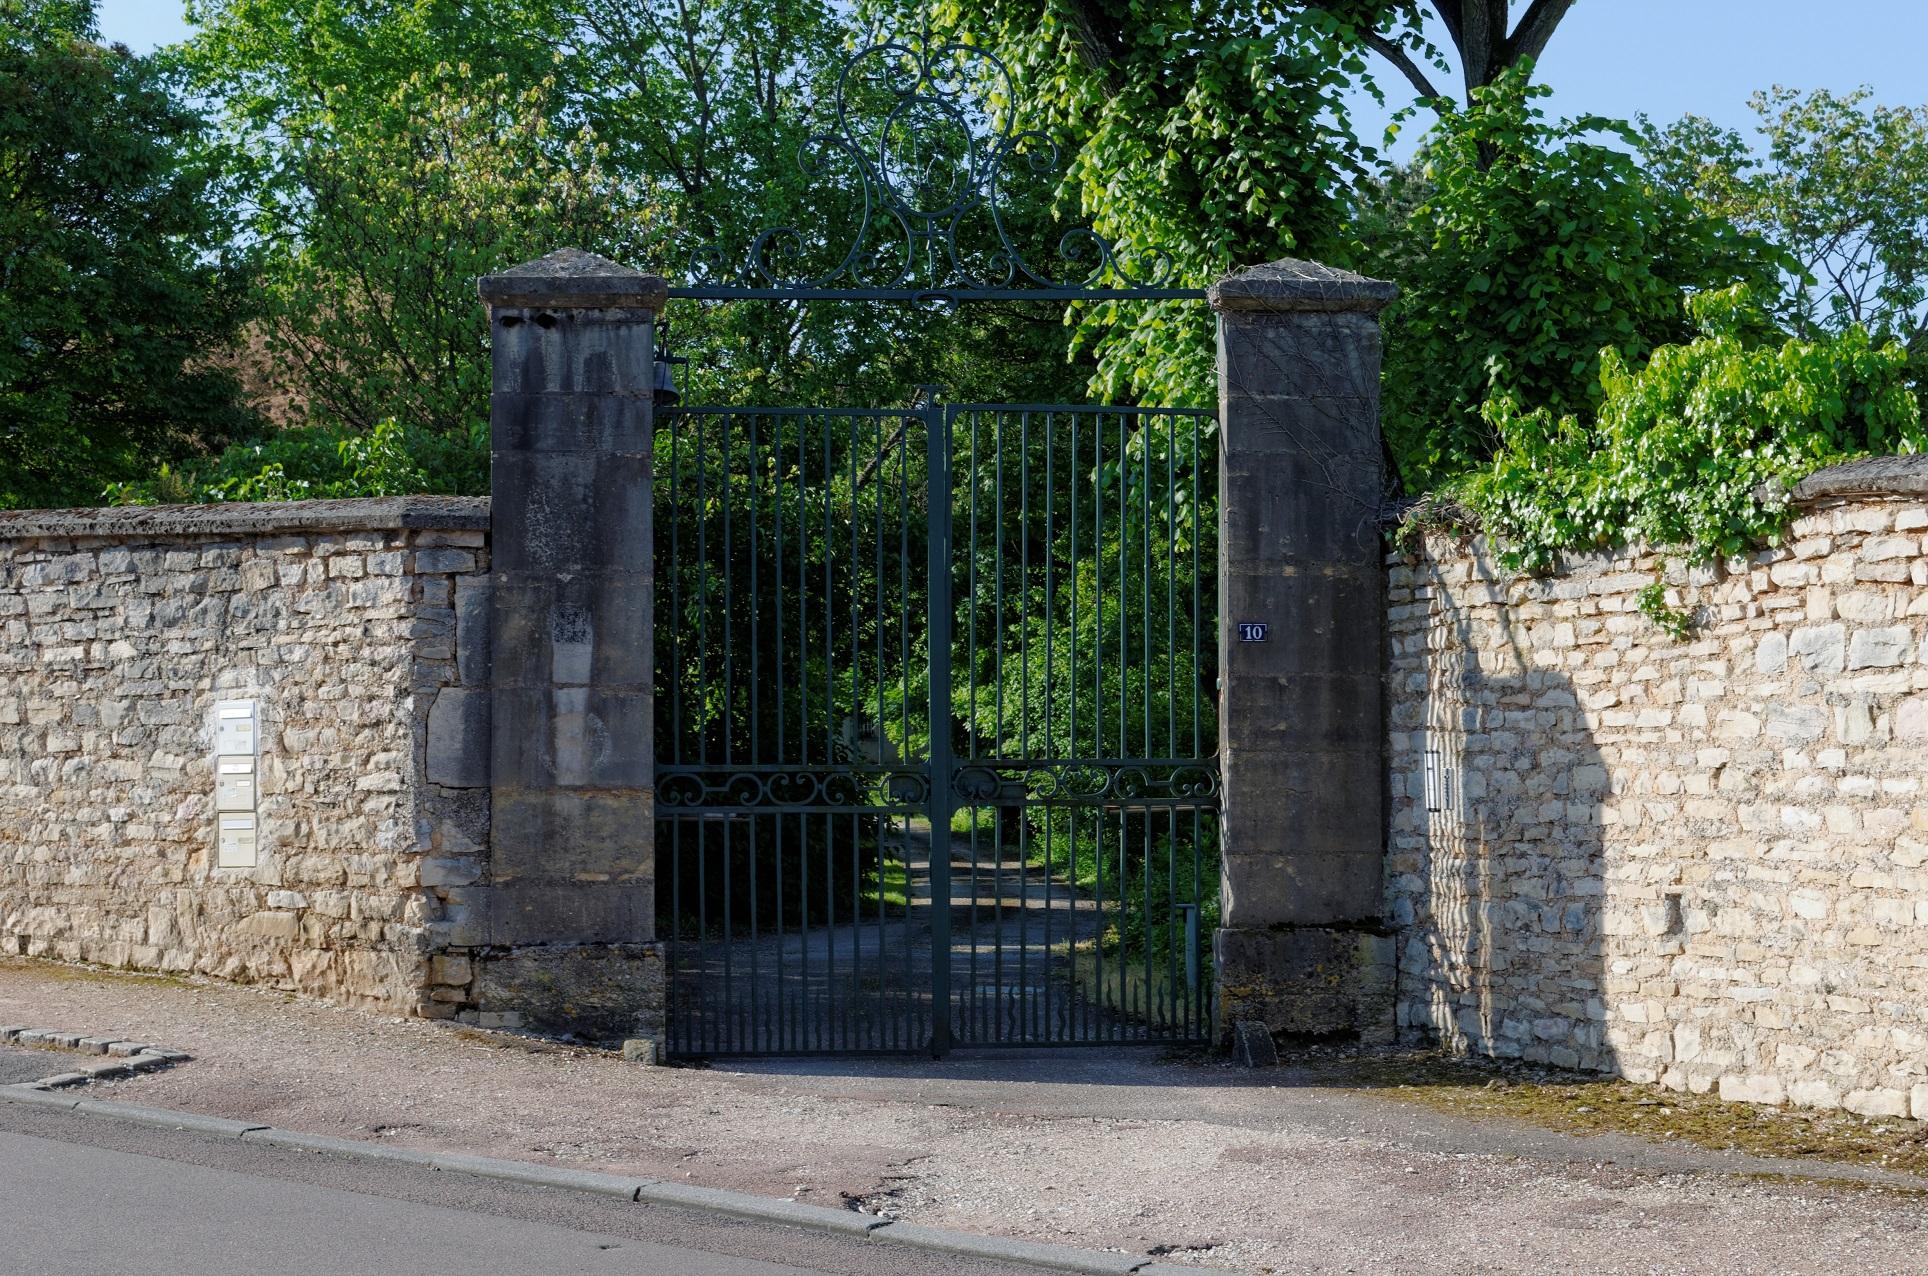 Comment Motoriser Un Portail tout tout savoir sur la motorisation d'un portail coulissant - réussir sa